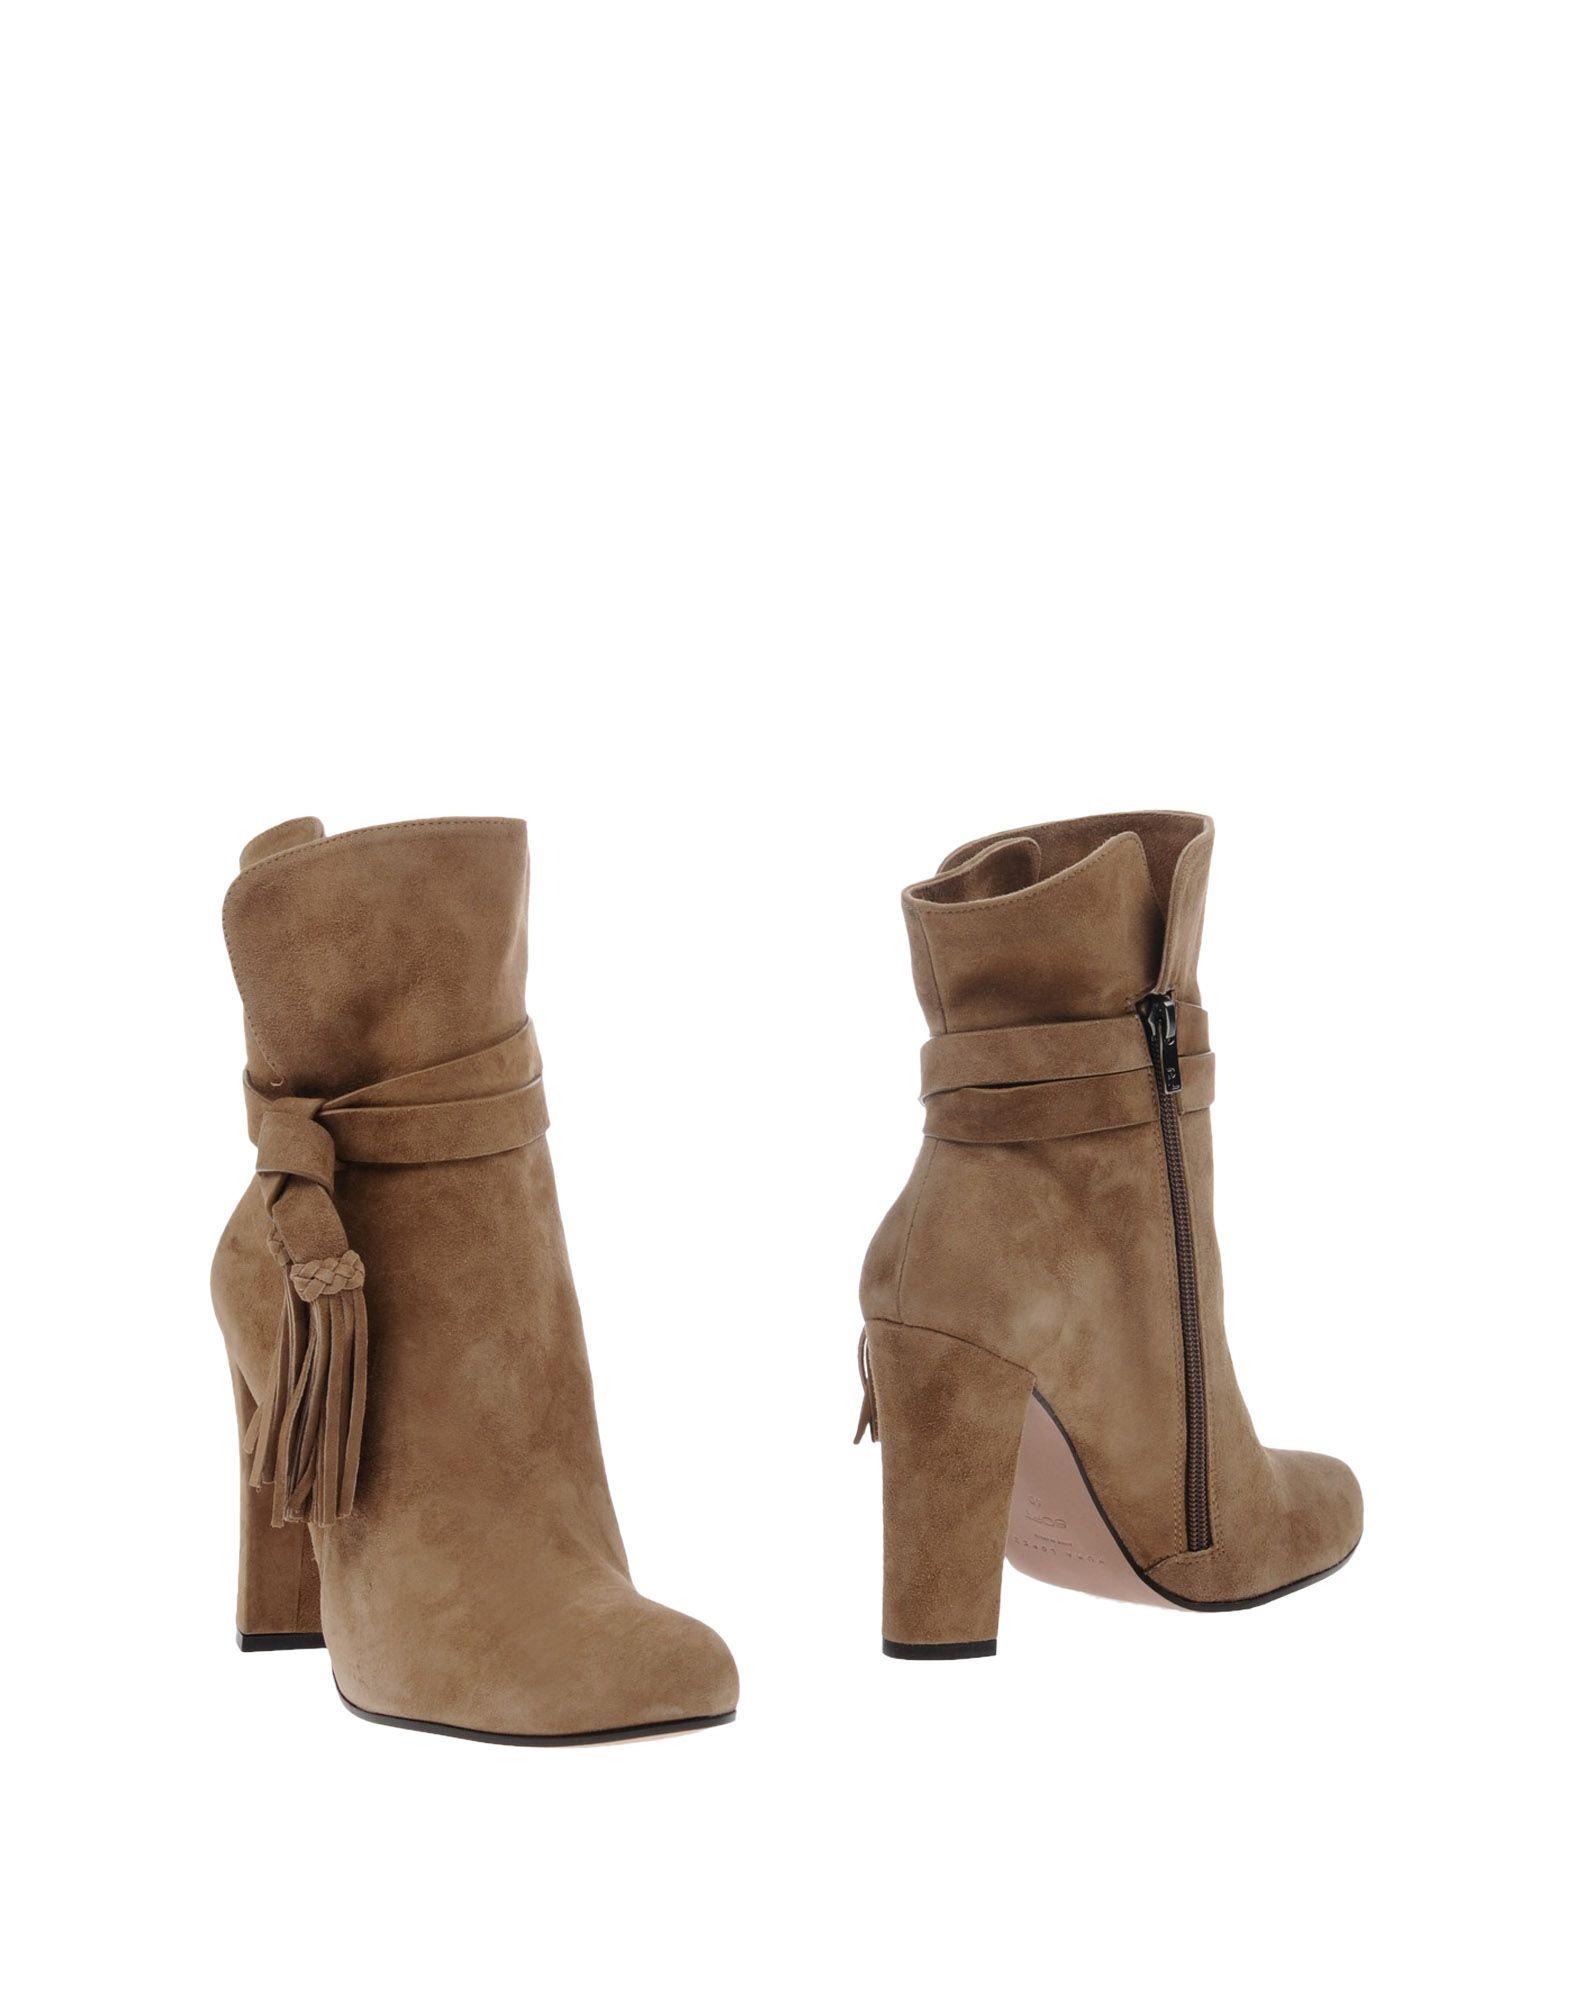 Pura Pura Pura López Stiefelette Damen  11252673JX Neue Schuhe a89b8e